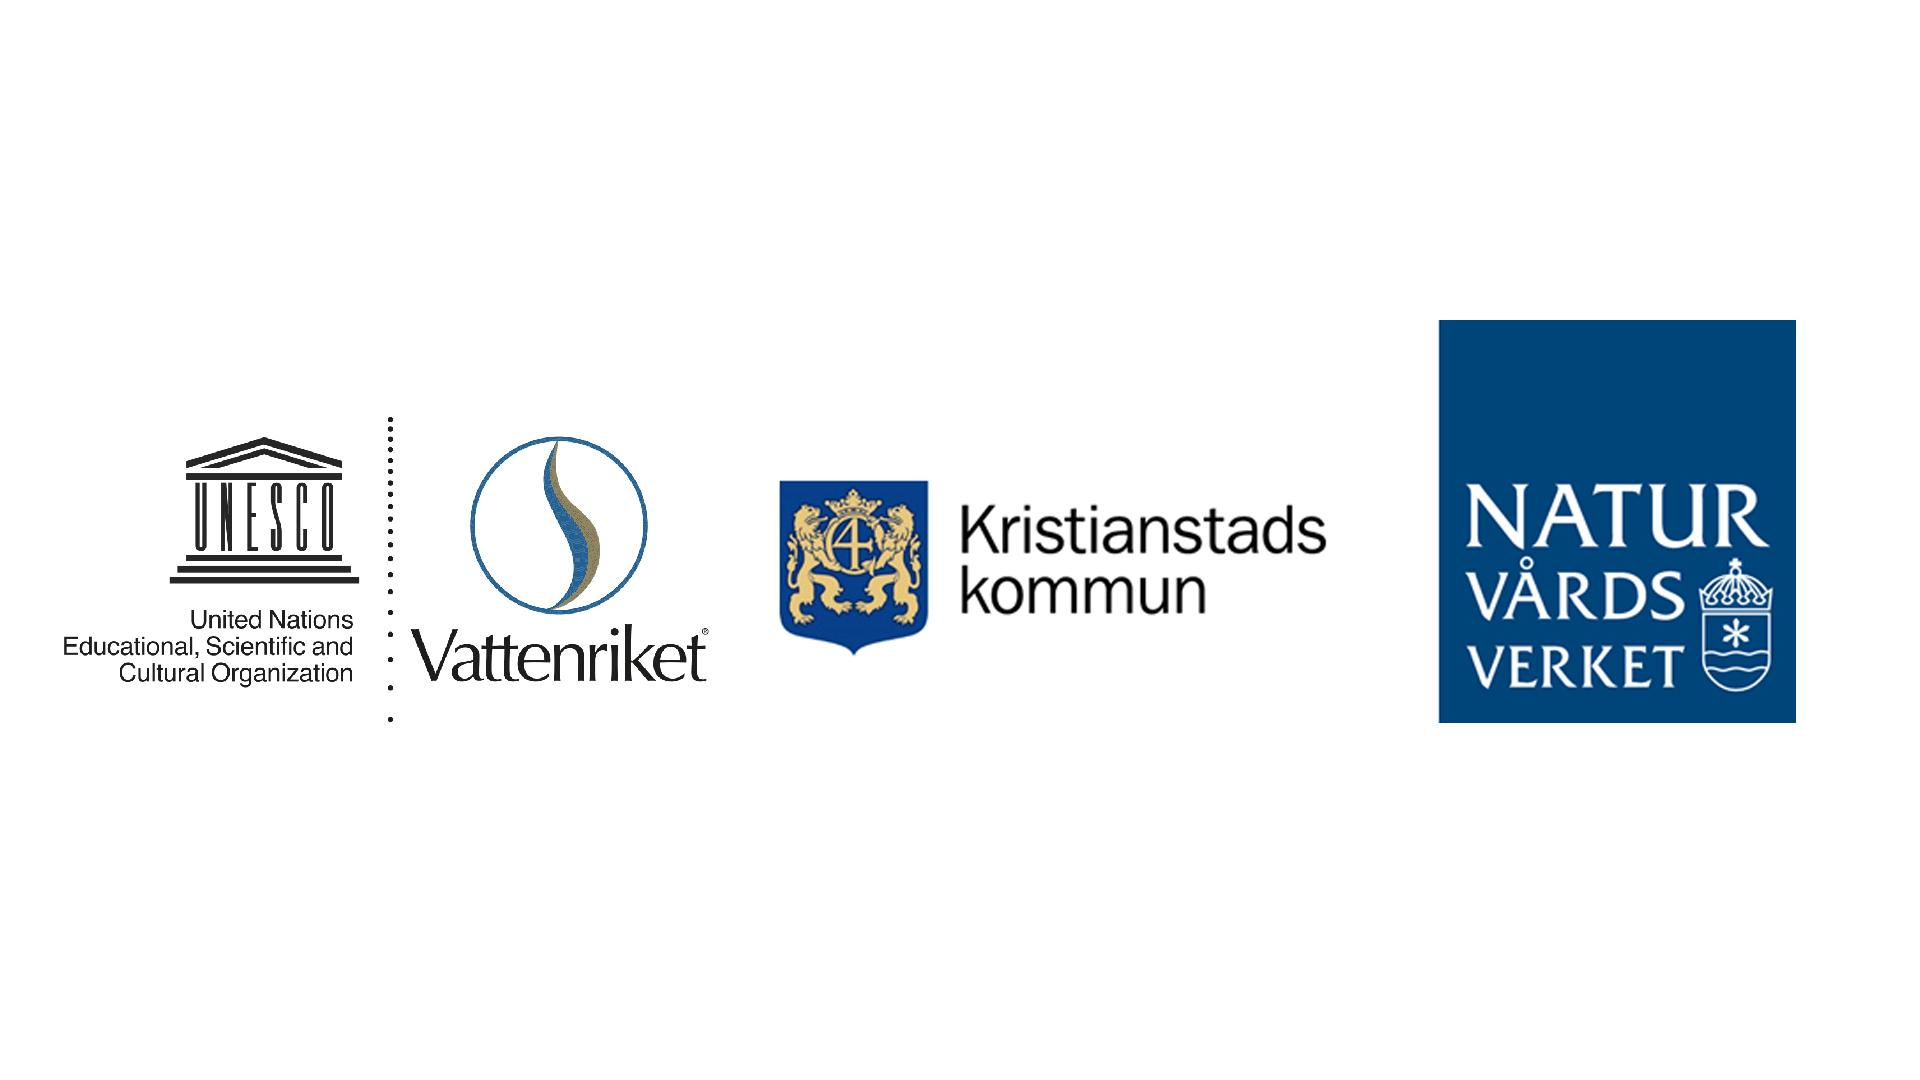 Unesco, Kristianstads kommun och Naturvårdsverket